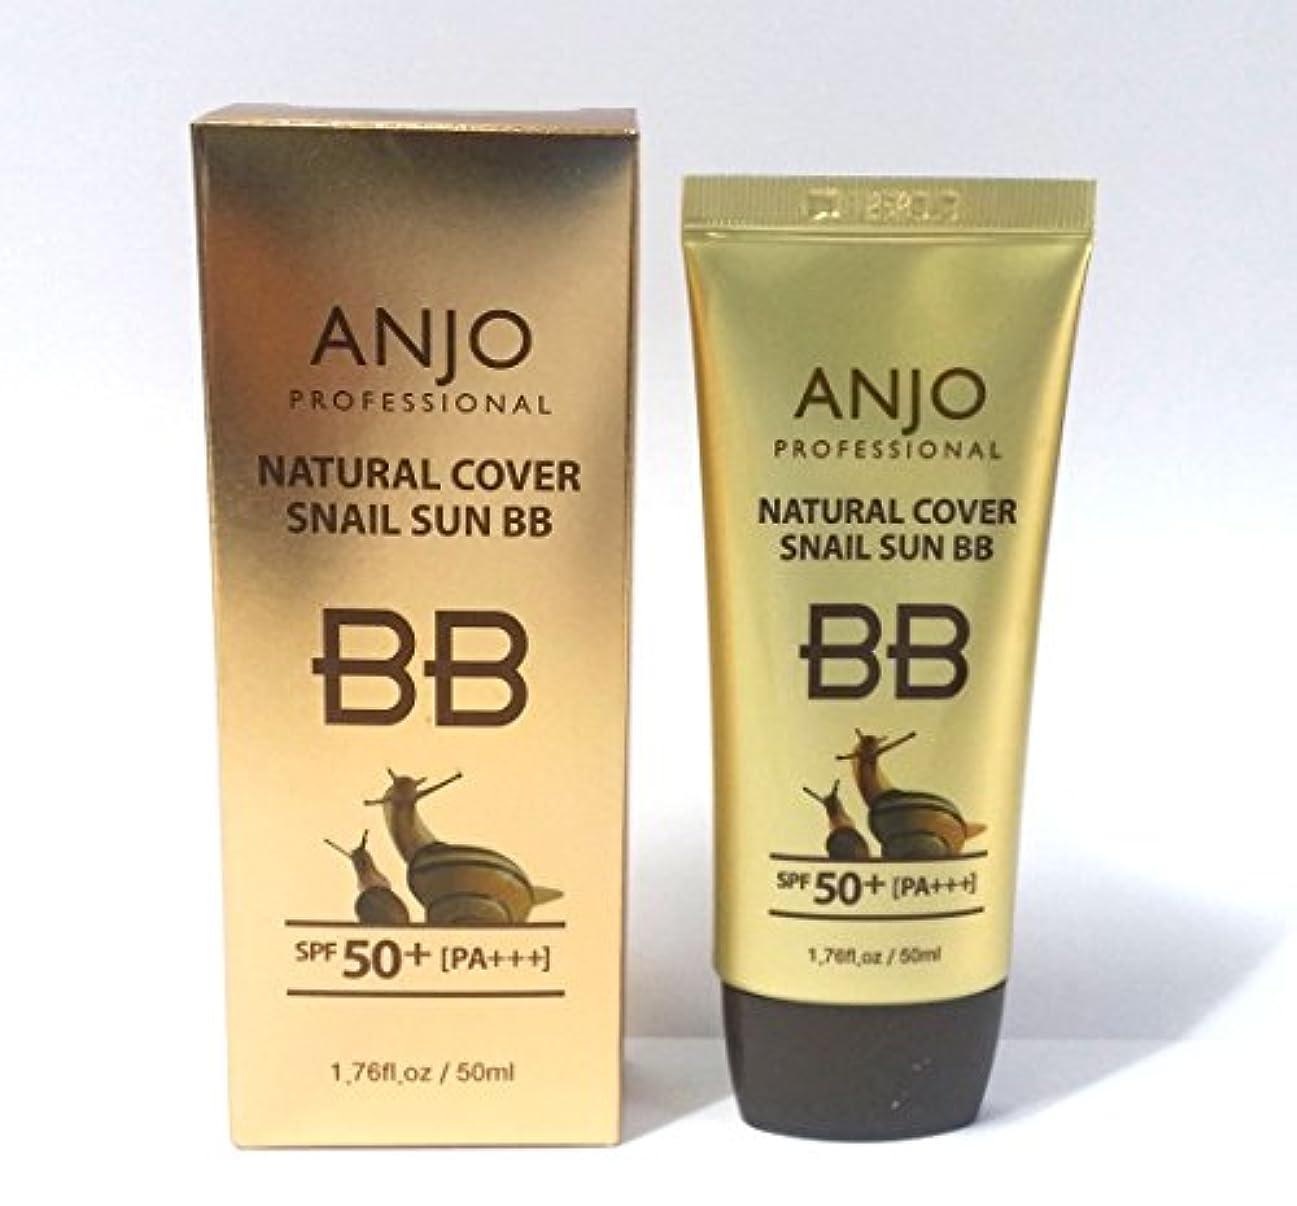 店主ミリメーターペン[ANJO] ナチュラルカバーカタツムリサンBBクリームSPF 50 + PA +++ 50ml X 3EA /メイクアップベース/カタツムリ粘液 / Natural Cover Snail Sun BB Cream SPF...